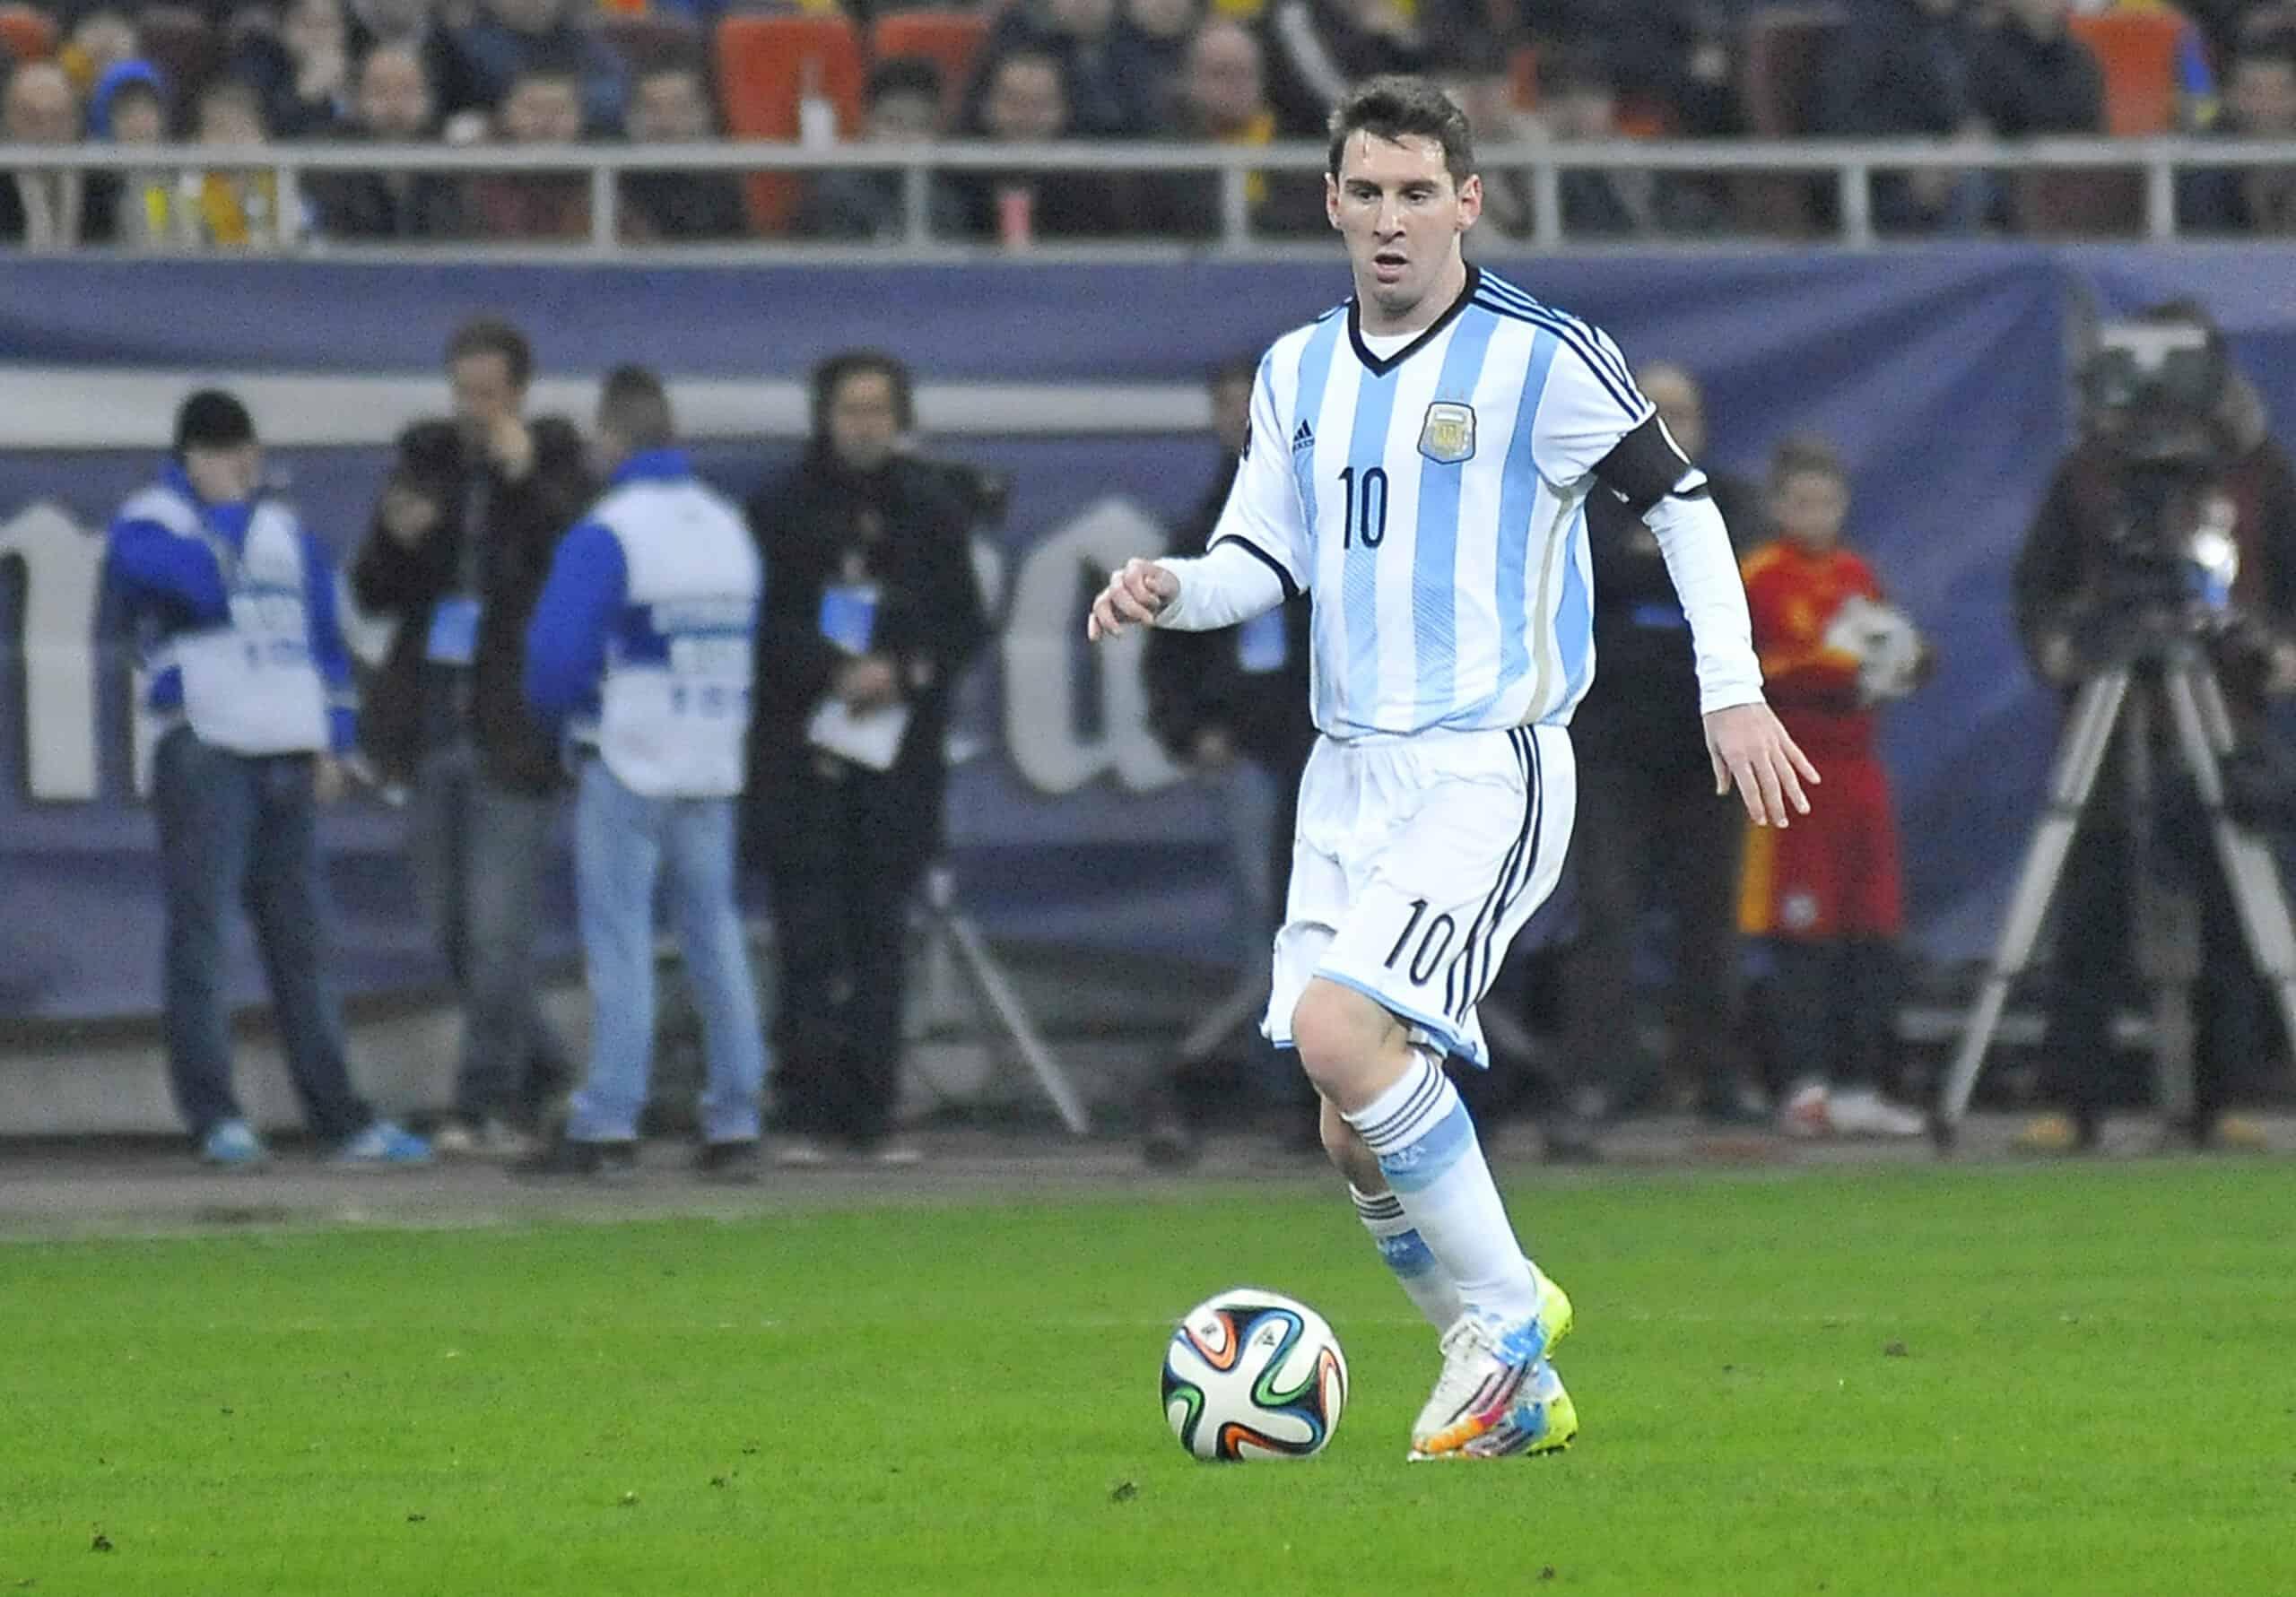 Rosario Argentina birthplace Leo Messi